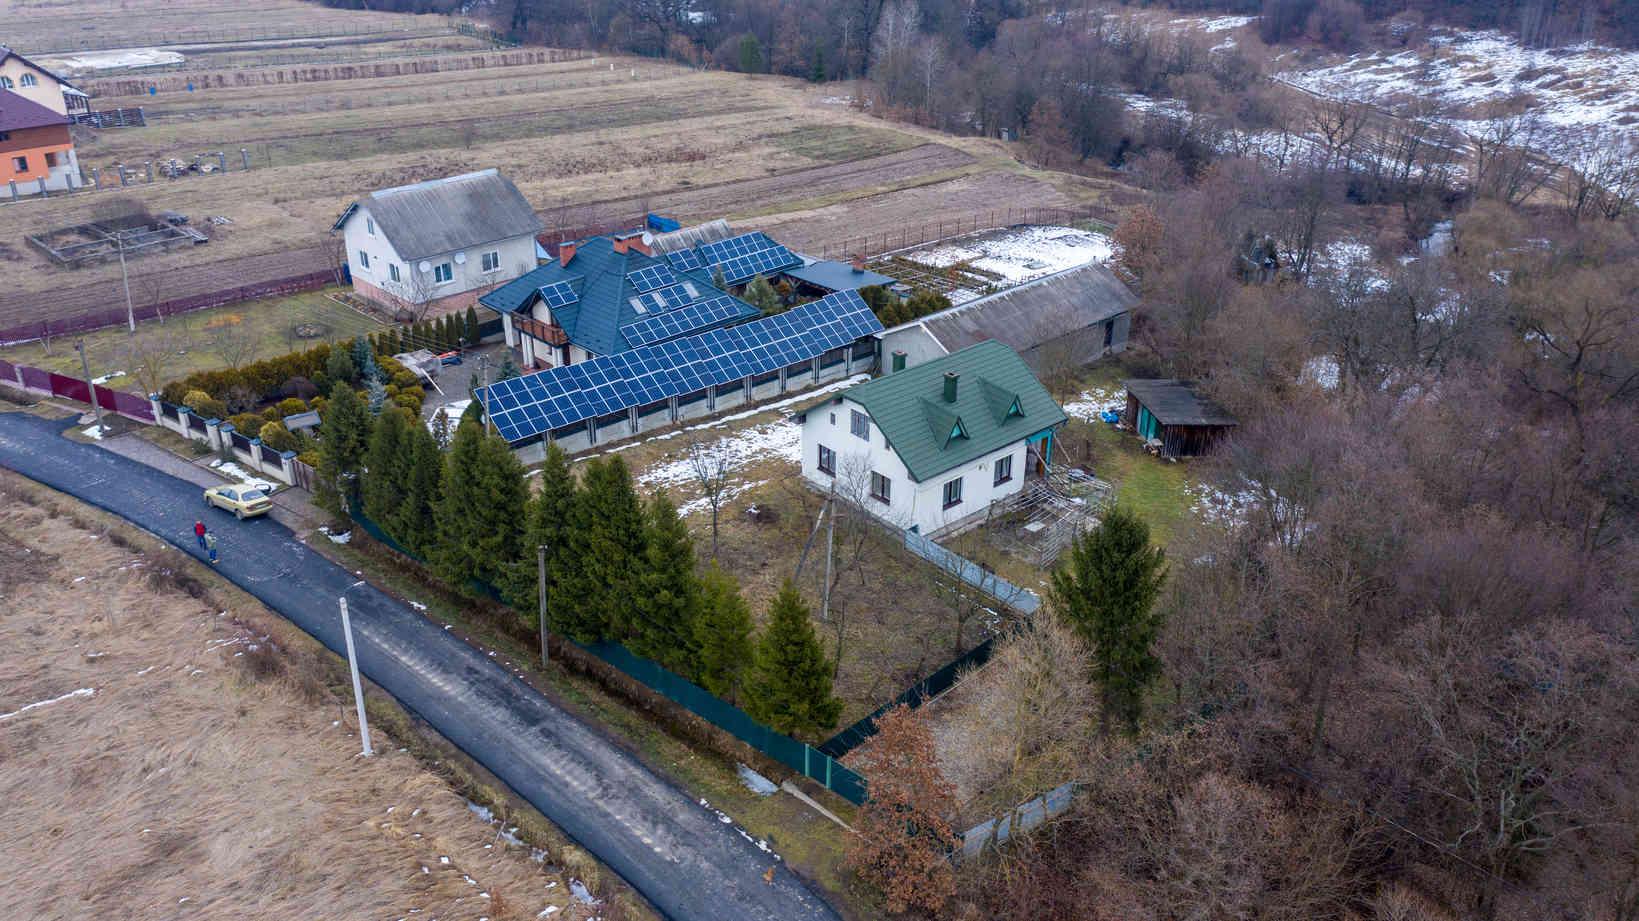 Мережева сонячна електростанція (СЕС) потужністю 33,68 кВт – Фотозвіт #3